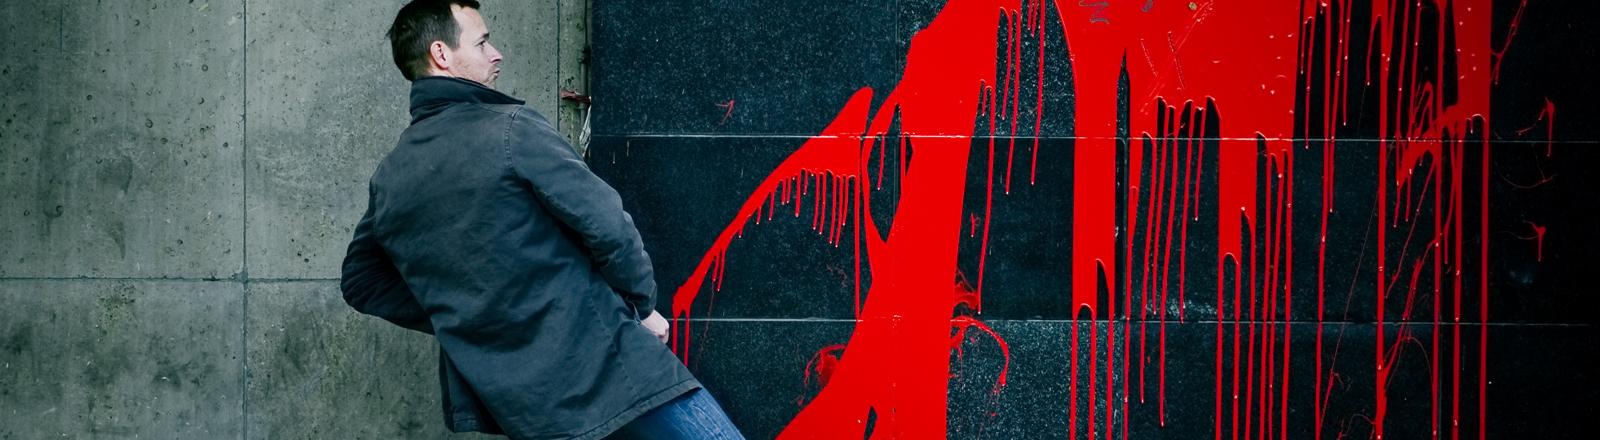 Ein Mann steht an einer Wand, als ob er pinkeln würde. Auf der Wand verläuft rote Farbe.